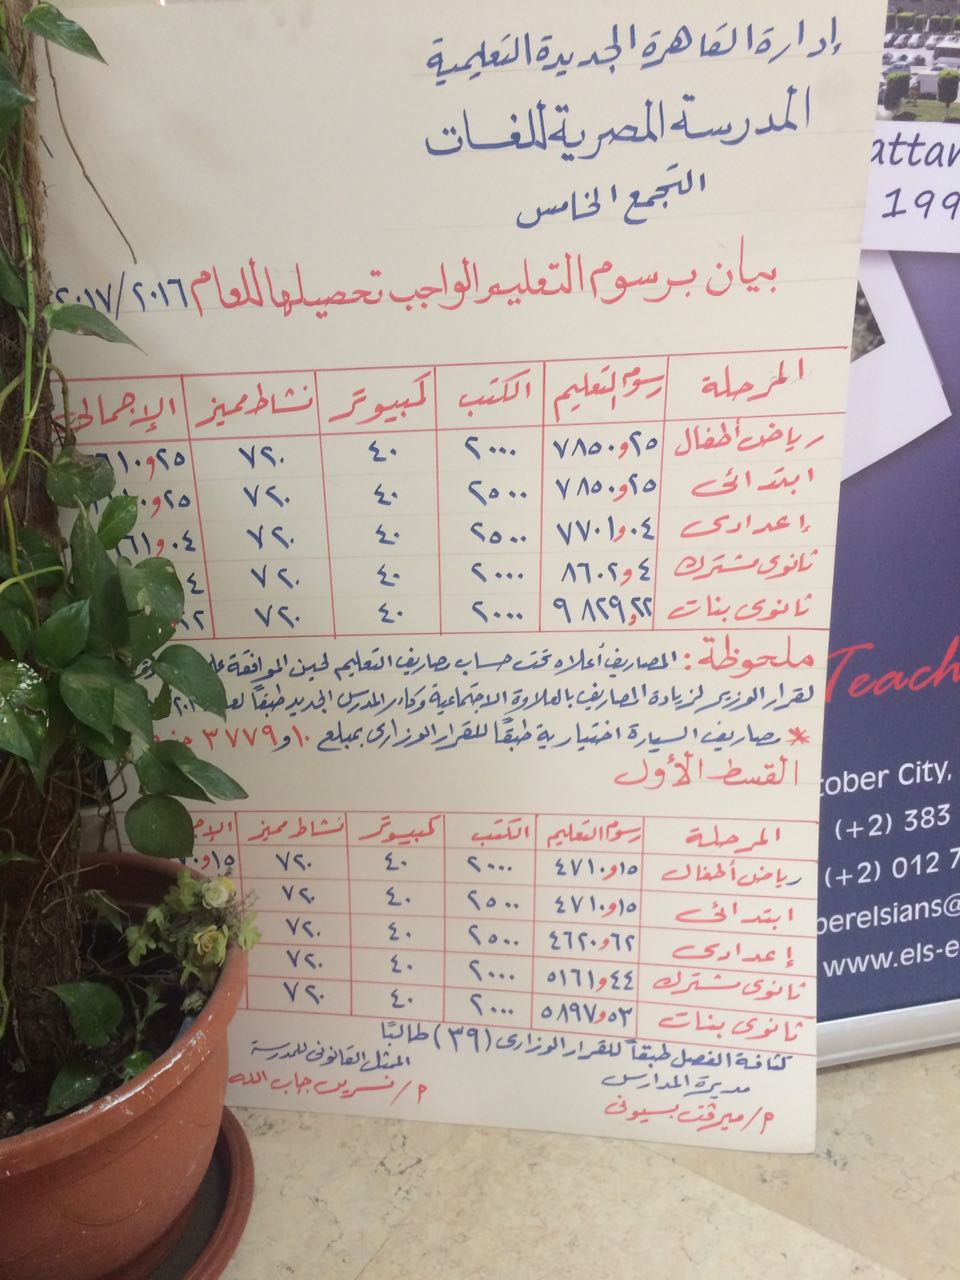 استياء من ارتفاع المصروفات الدراسية بمدرسة خاصة بالقاهرة